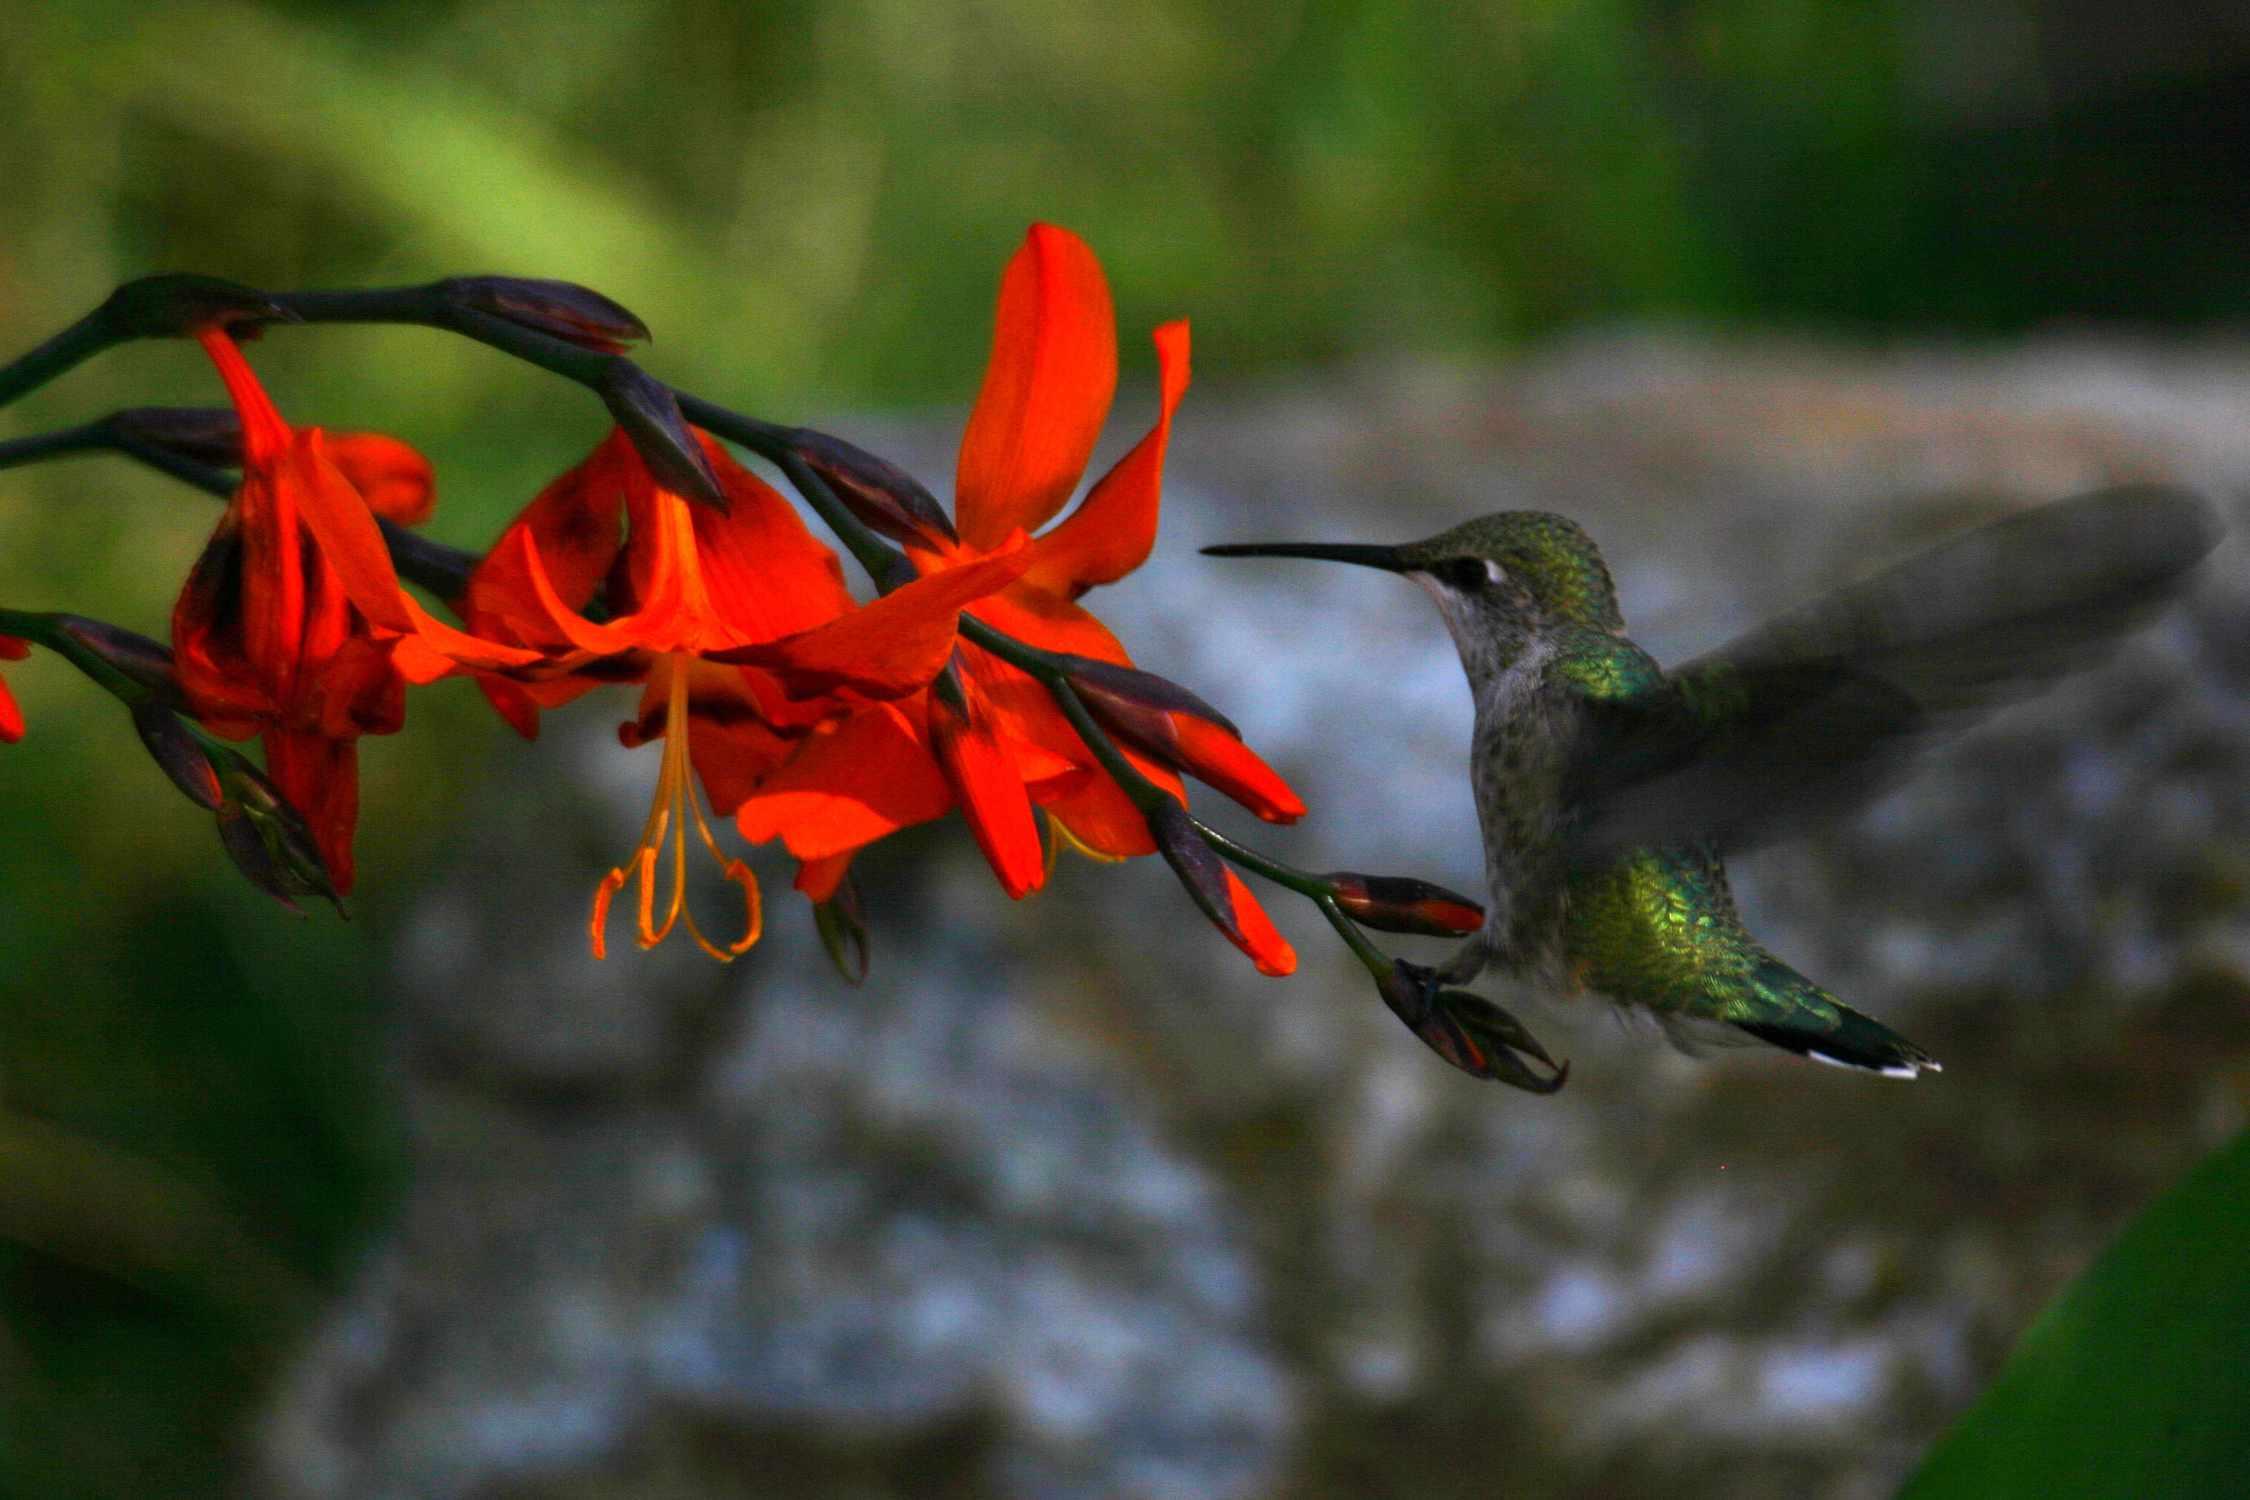 Die Beziehung zwischen Blütenpflanzen und ihren Bestäubern kann ein klassisches Beispiel für koevolutionäre Beziehungen sein.